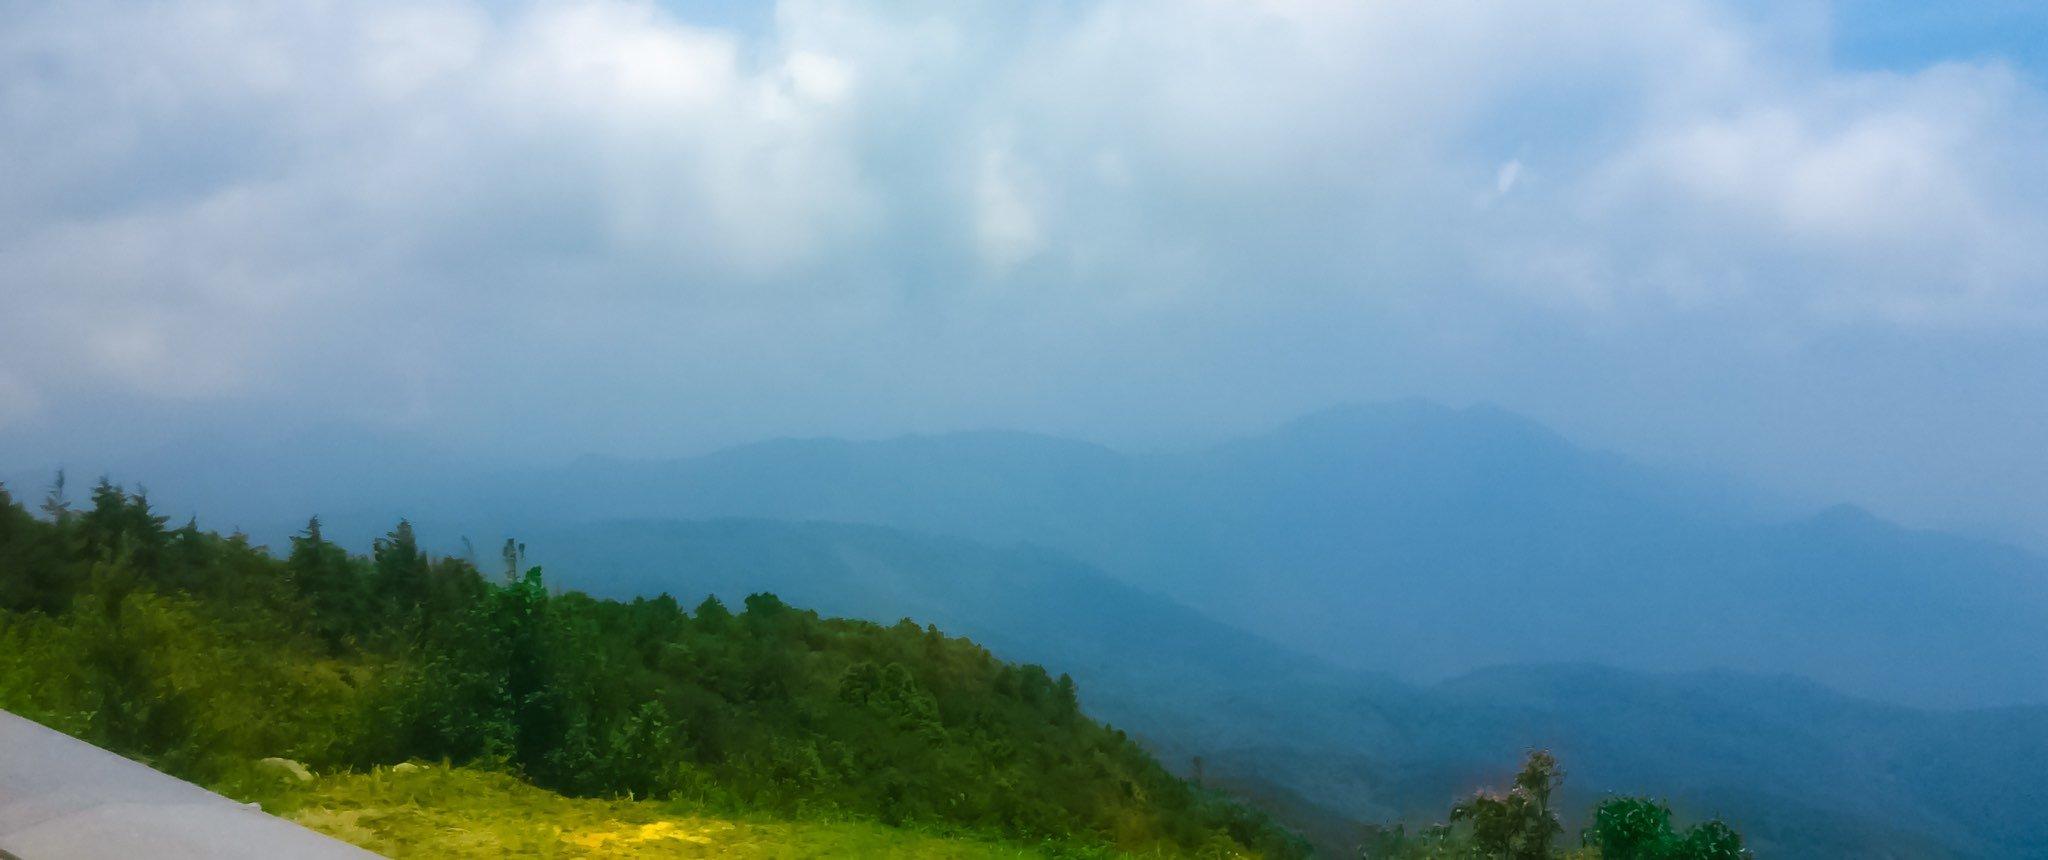 doi-inthanon-chedi-summit-chiangmai